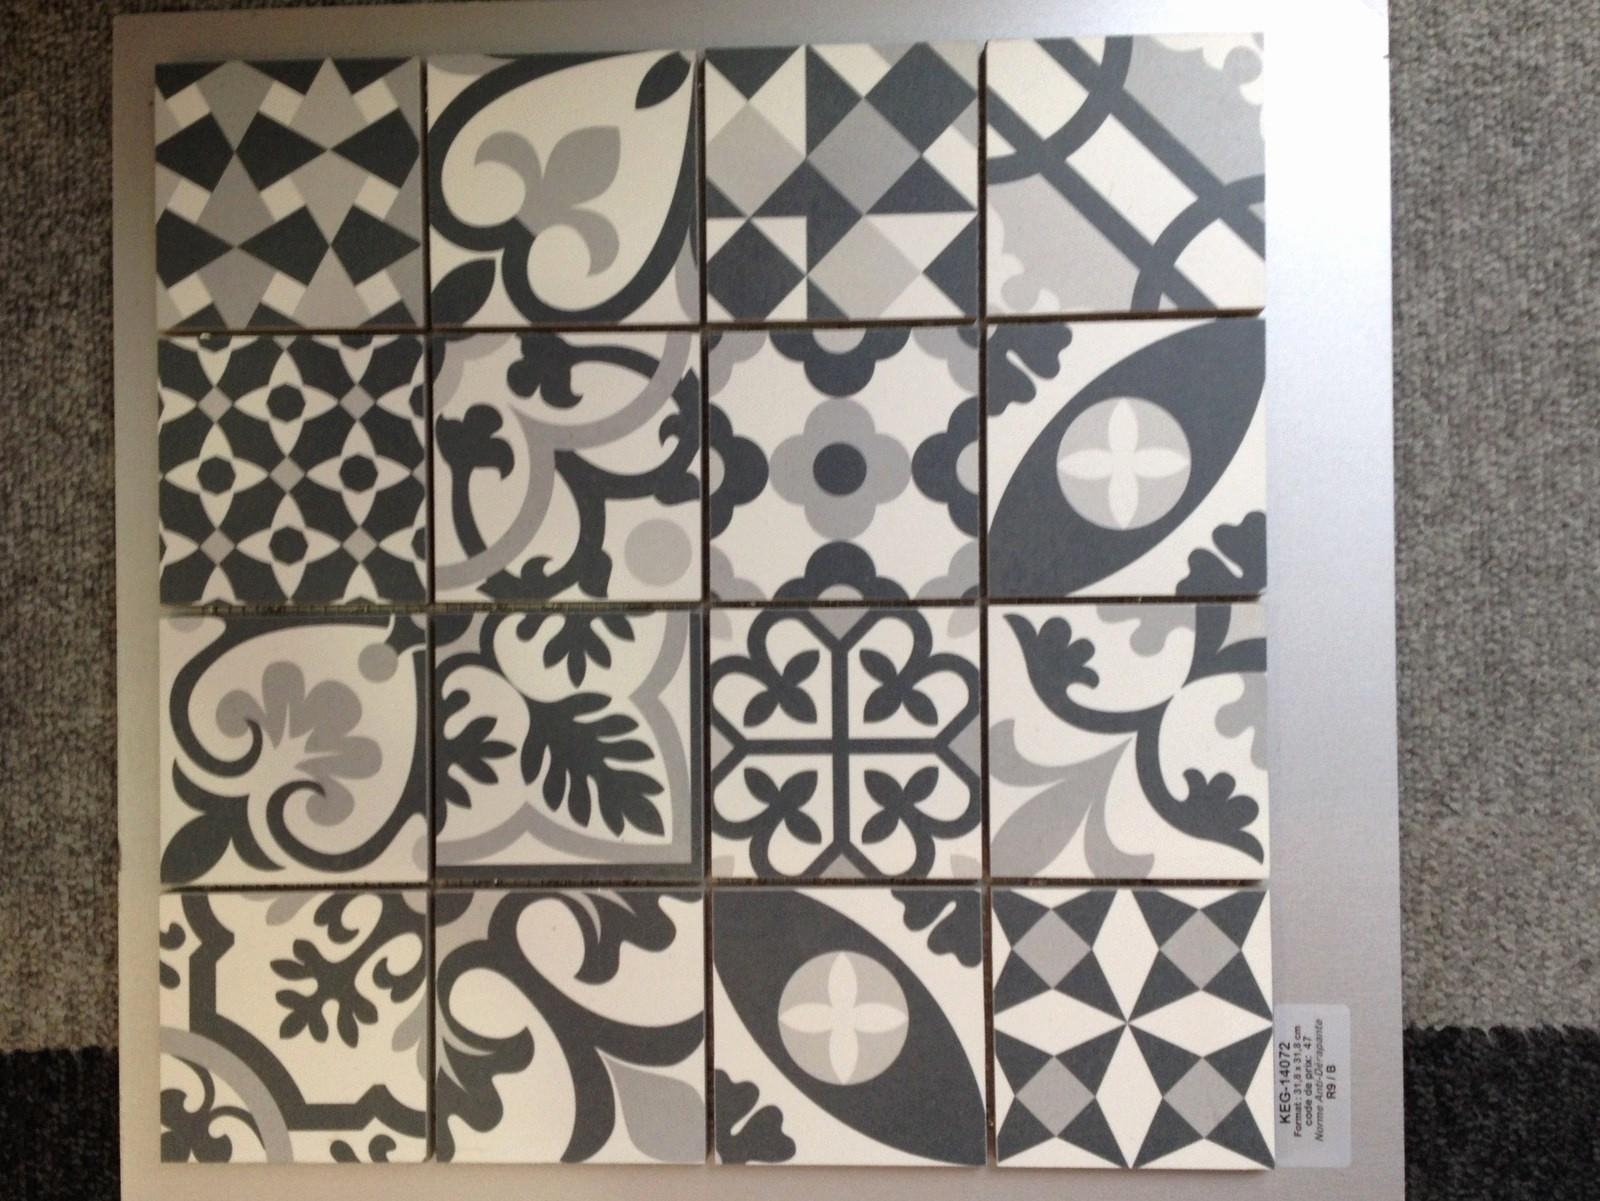 Carrelage Mosaique Castorama Meilleur De Collection 21 Beau Carrelage Mural Salle De Bain Castorama